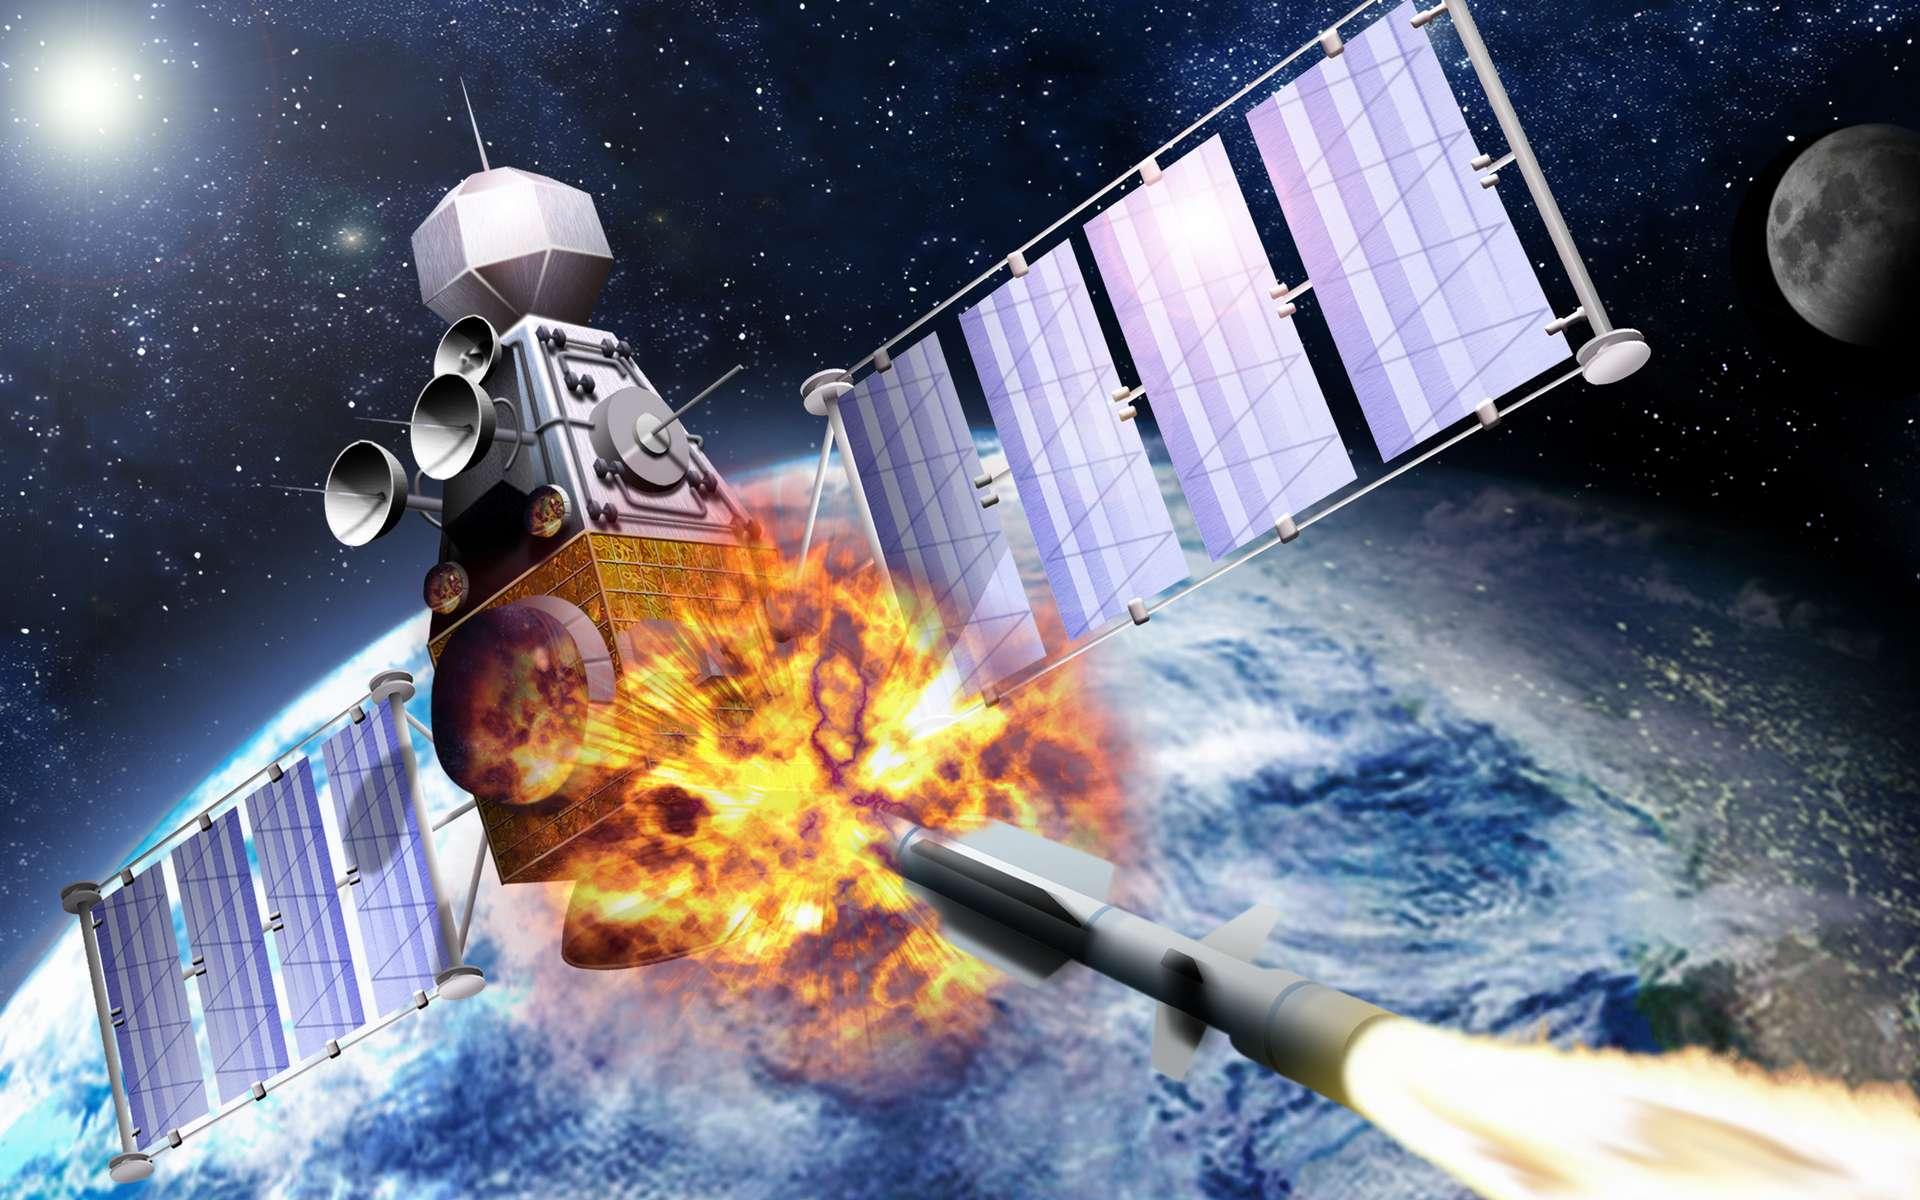 Deux satellites russes ont suivi un satellite espion américain. © edobric, Adobe Stock